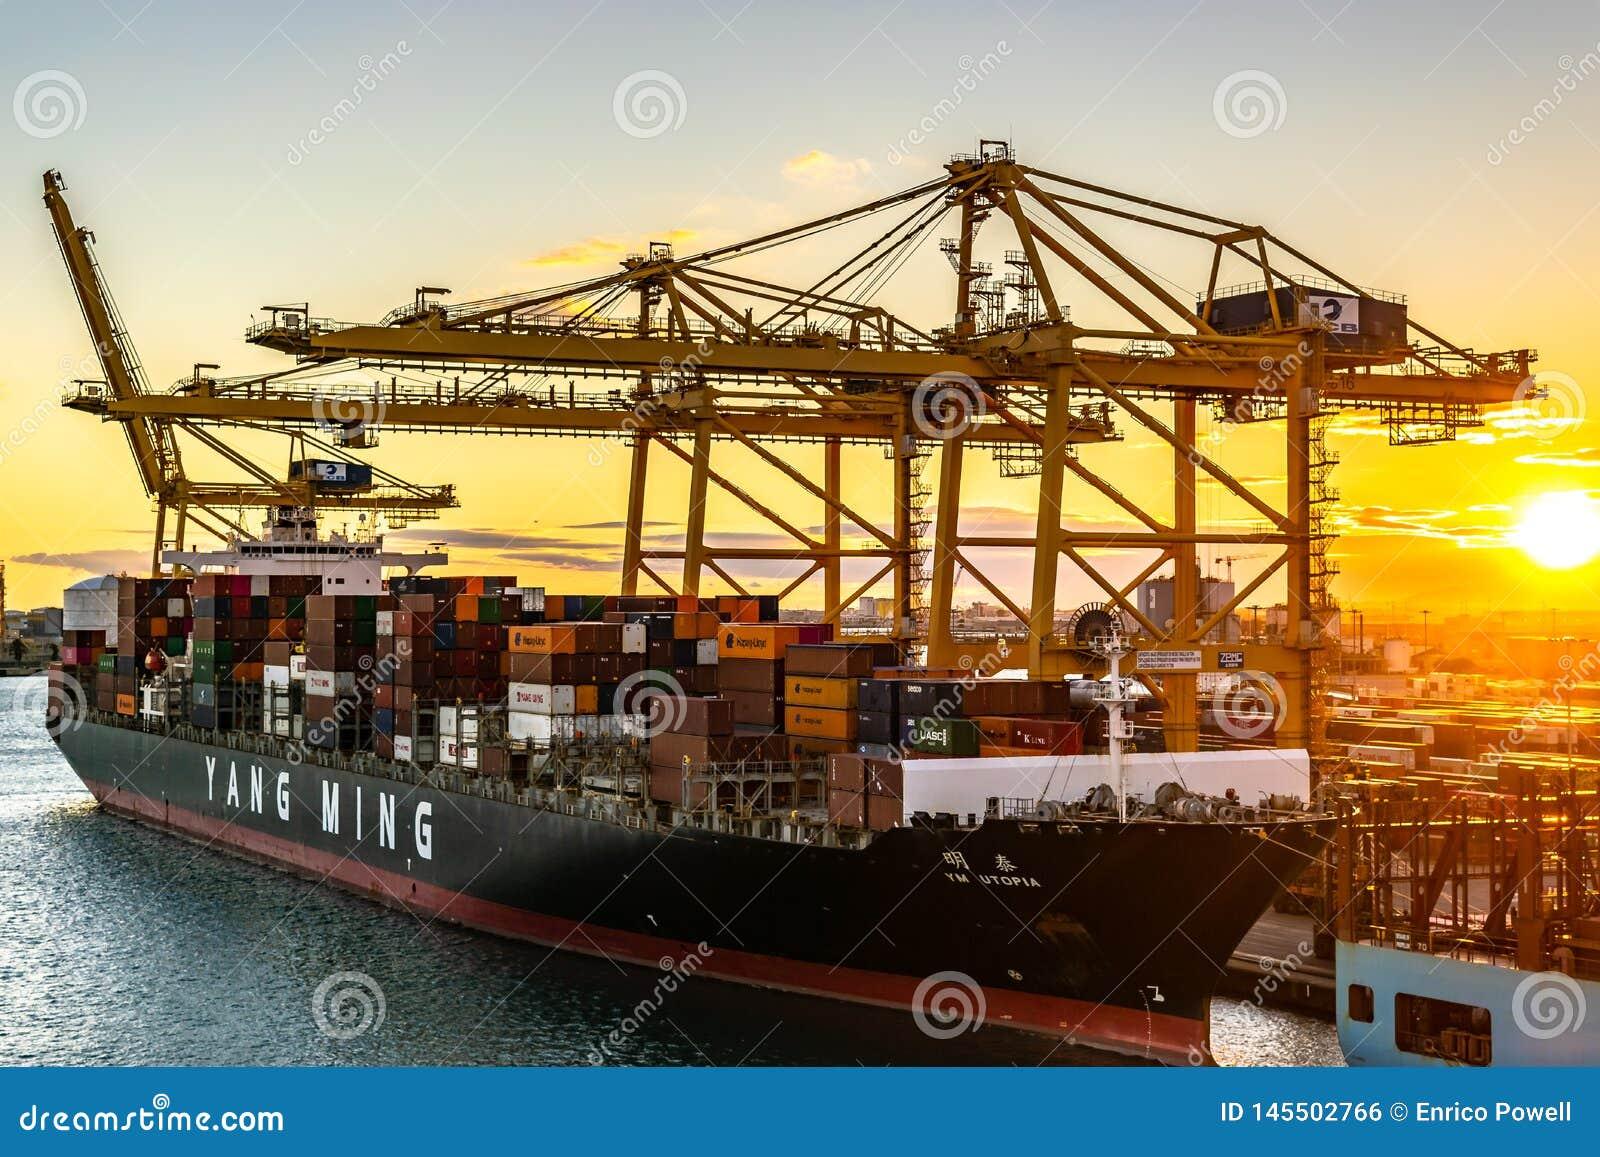 Yang Ming Cargo Vessel bij de Haven van Barcelona bij zonsondergang wordt gedokt die